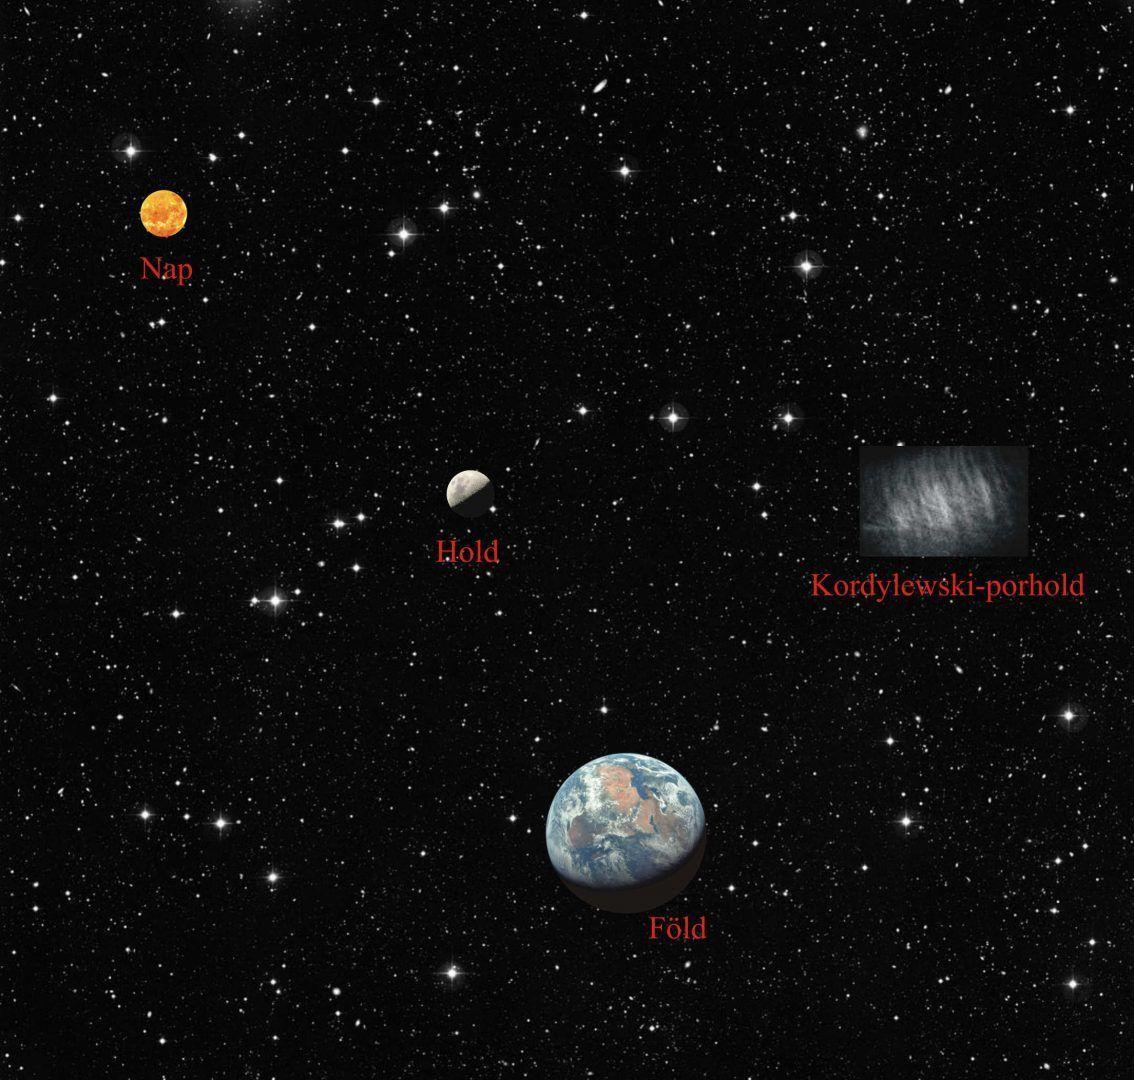 A csillagos ég fantáziaképe a Föld-Hold rendszer L5 Lagrange-pontja környékén lévő Kordylewski-porholddal, a Földdel, a Holddal és a Nappal.